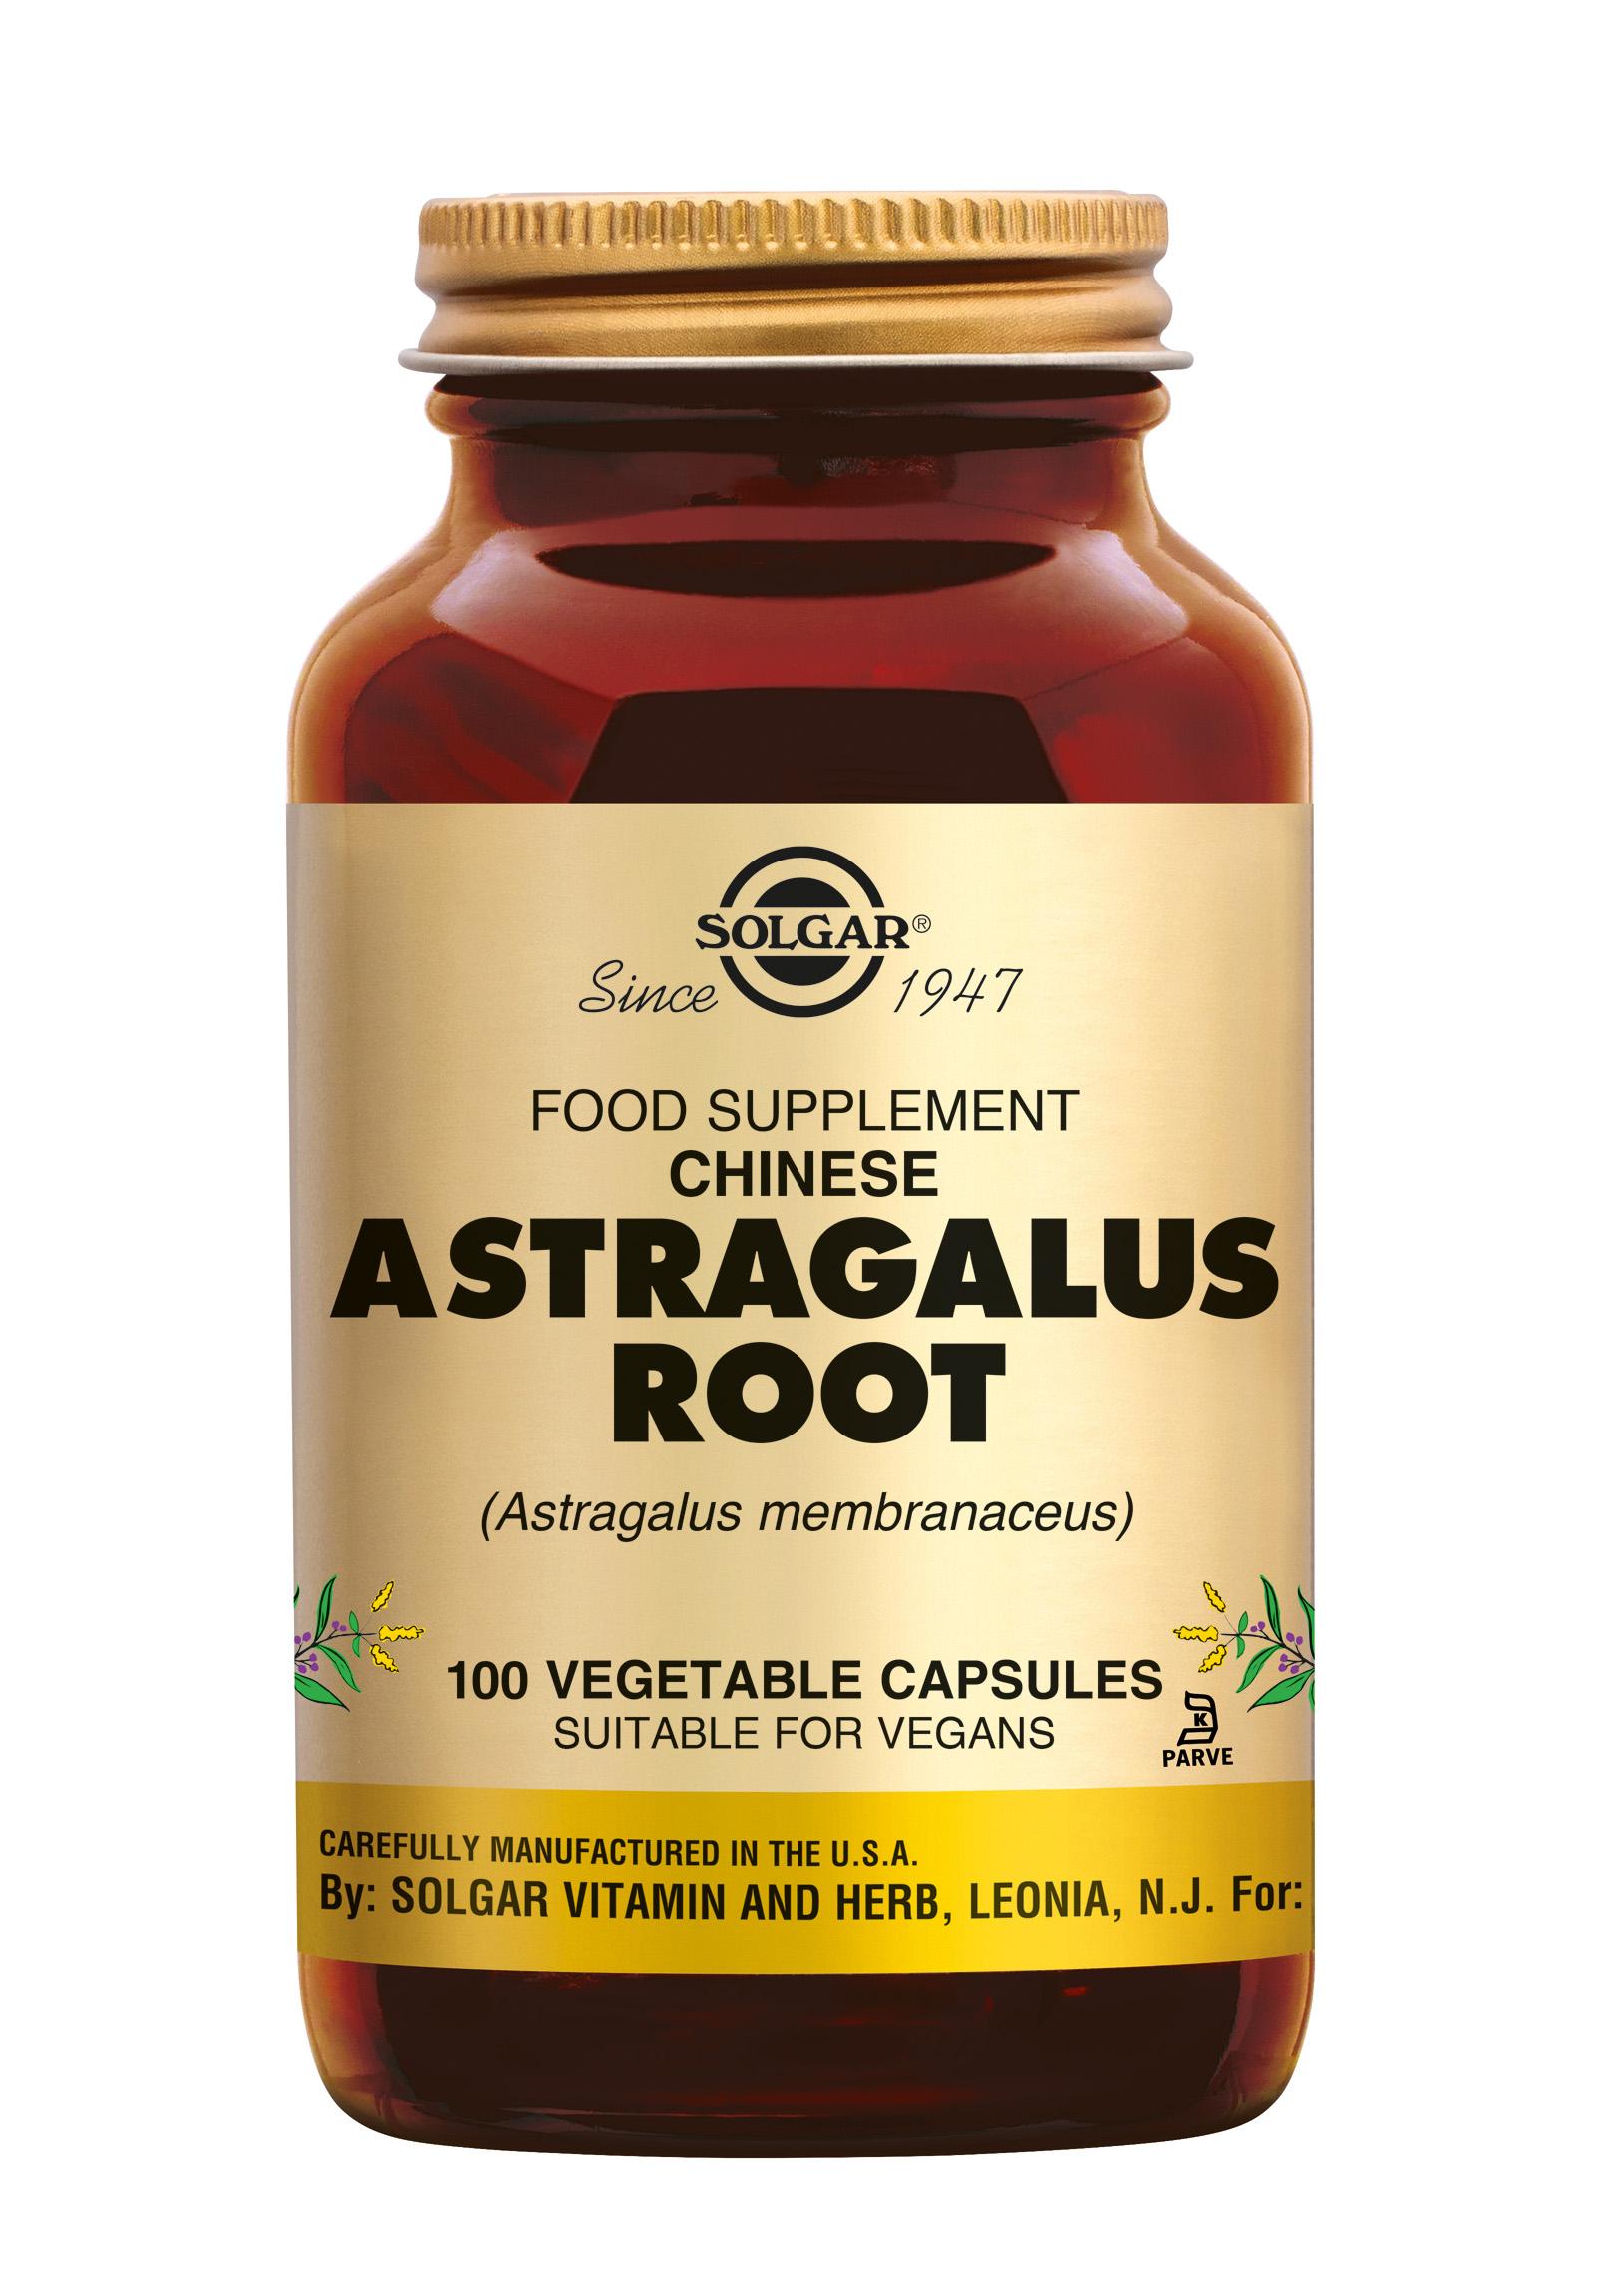 Astragalus Root, Solgar, Solgar Astragalus Root ondersteunt de weerstand.